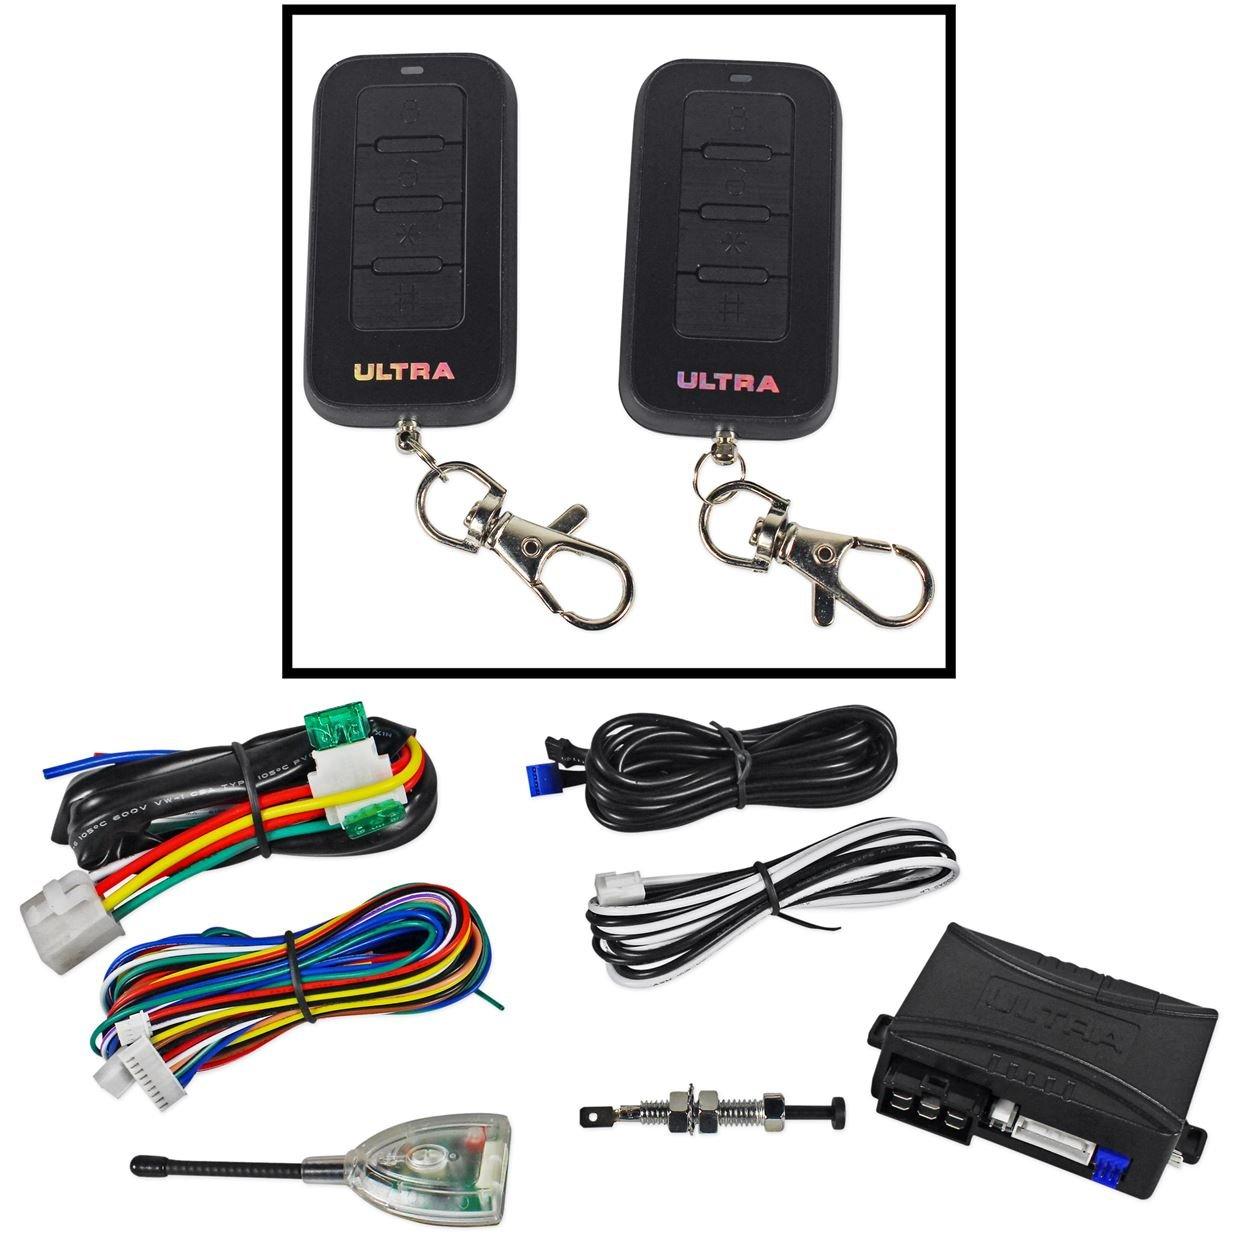 ultra remote car starter wiring diagram avital alarm